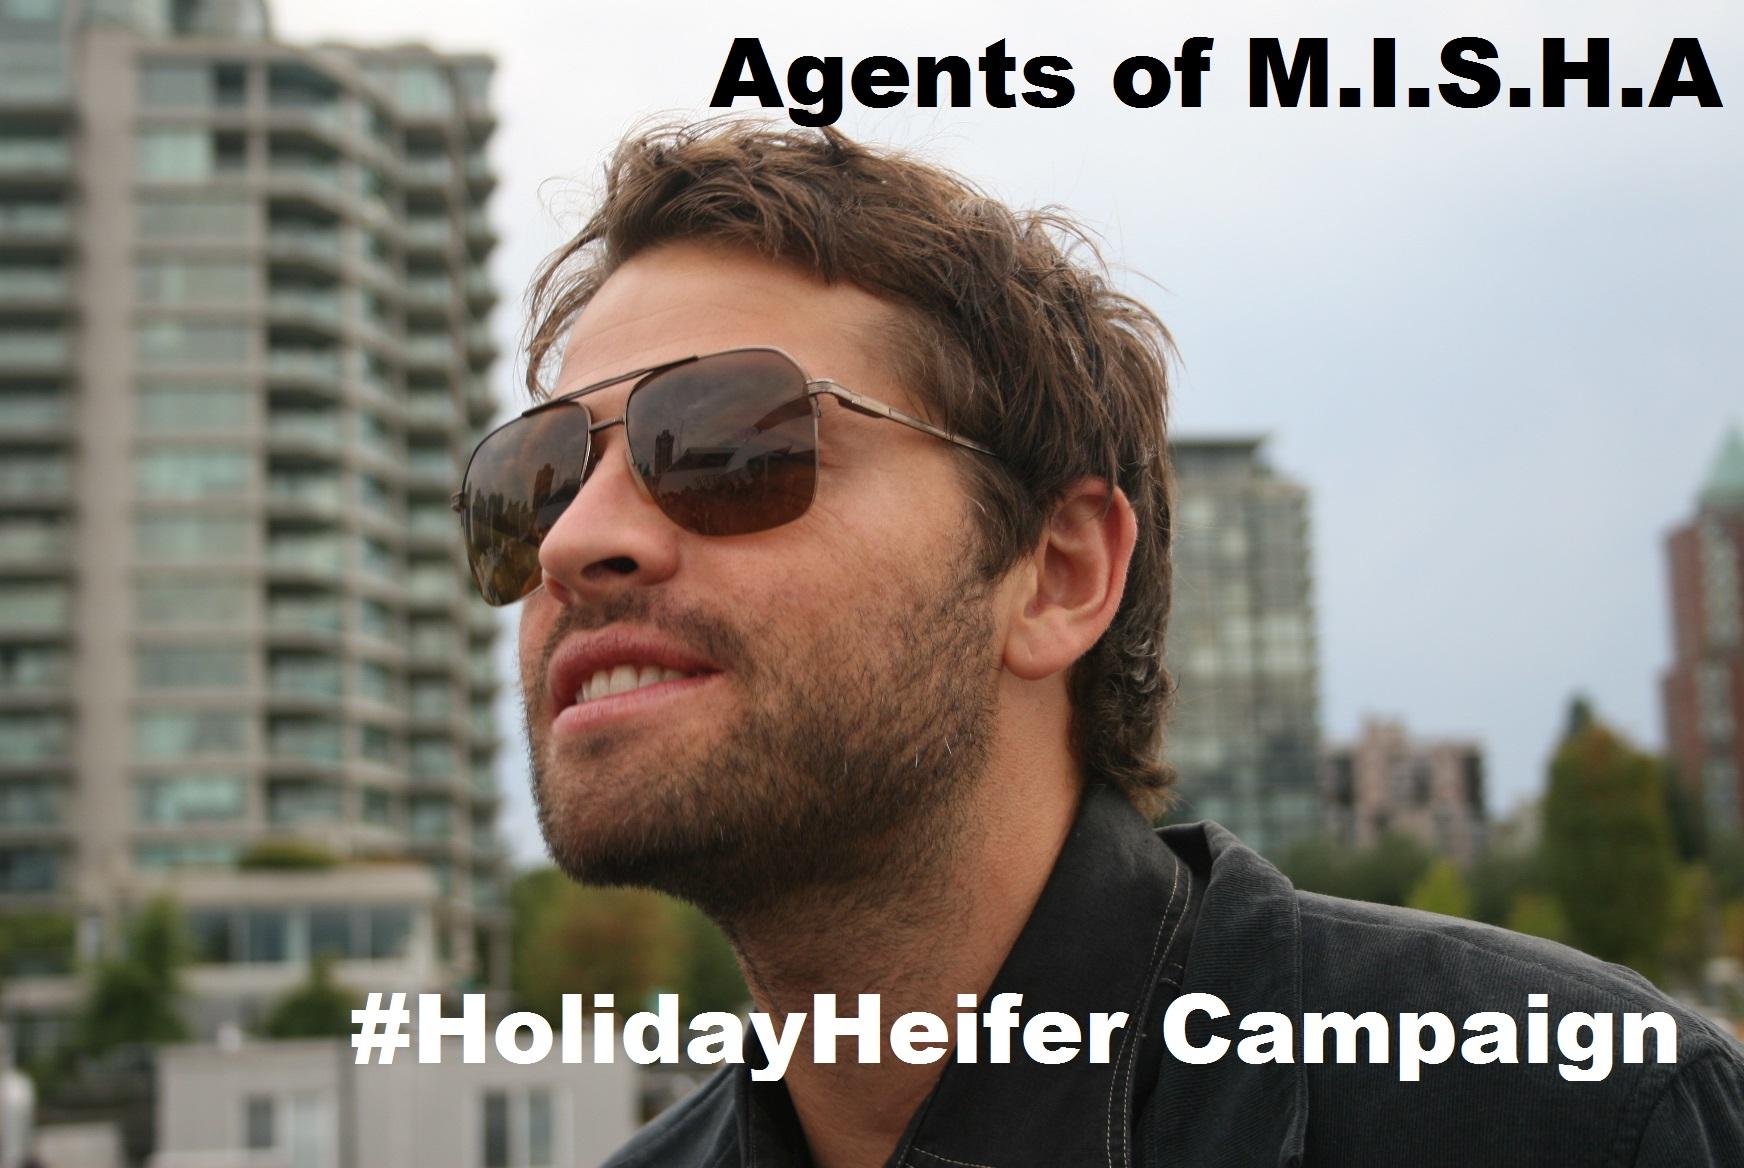 HolidayHeifer